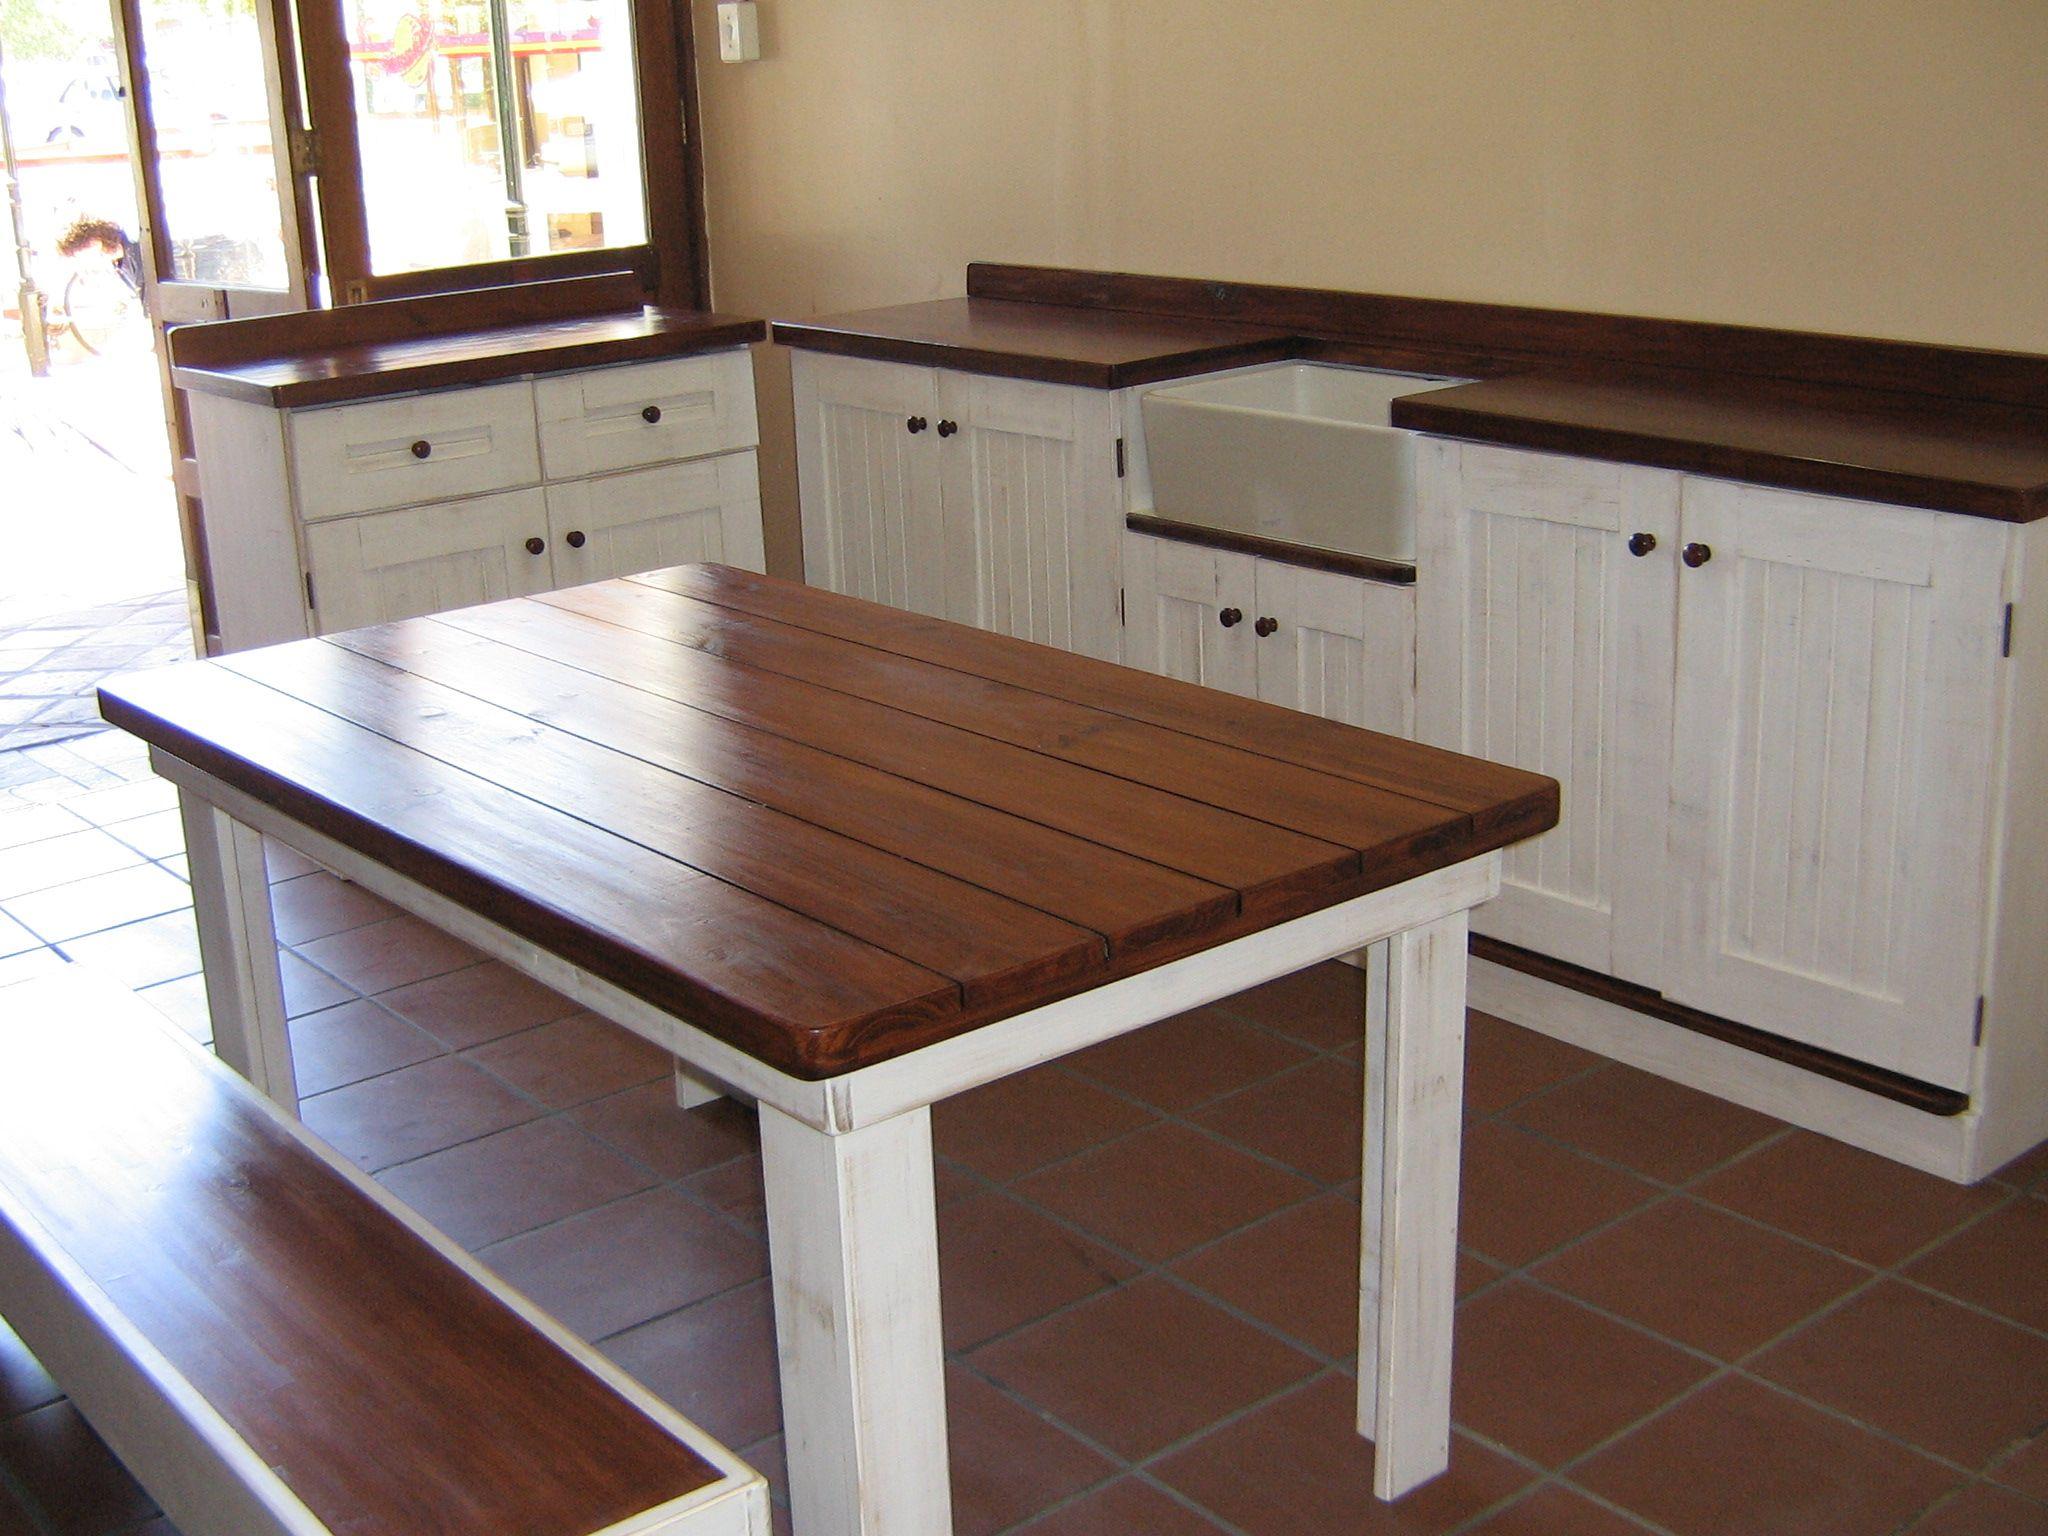 Sie gestalten küchen-design-ideen  rühren küchentisch mit errichtet in der bank bild ideen  wenn